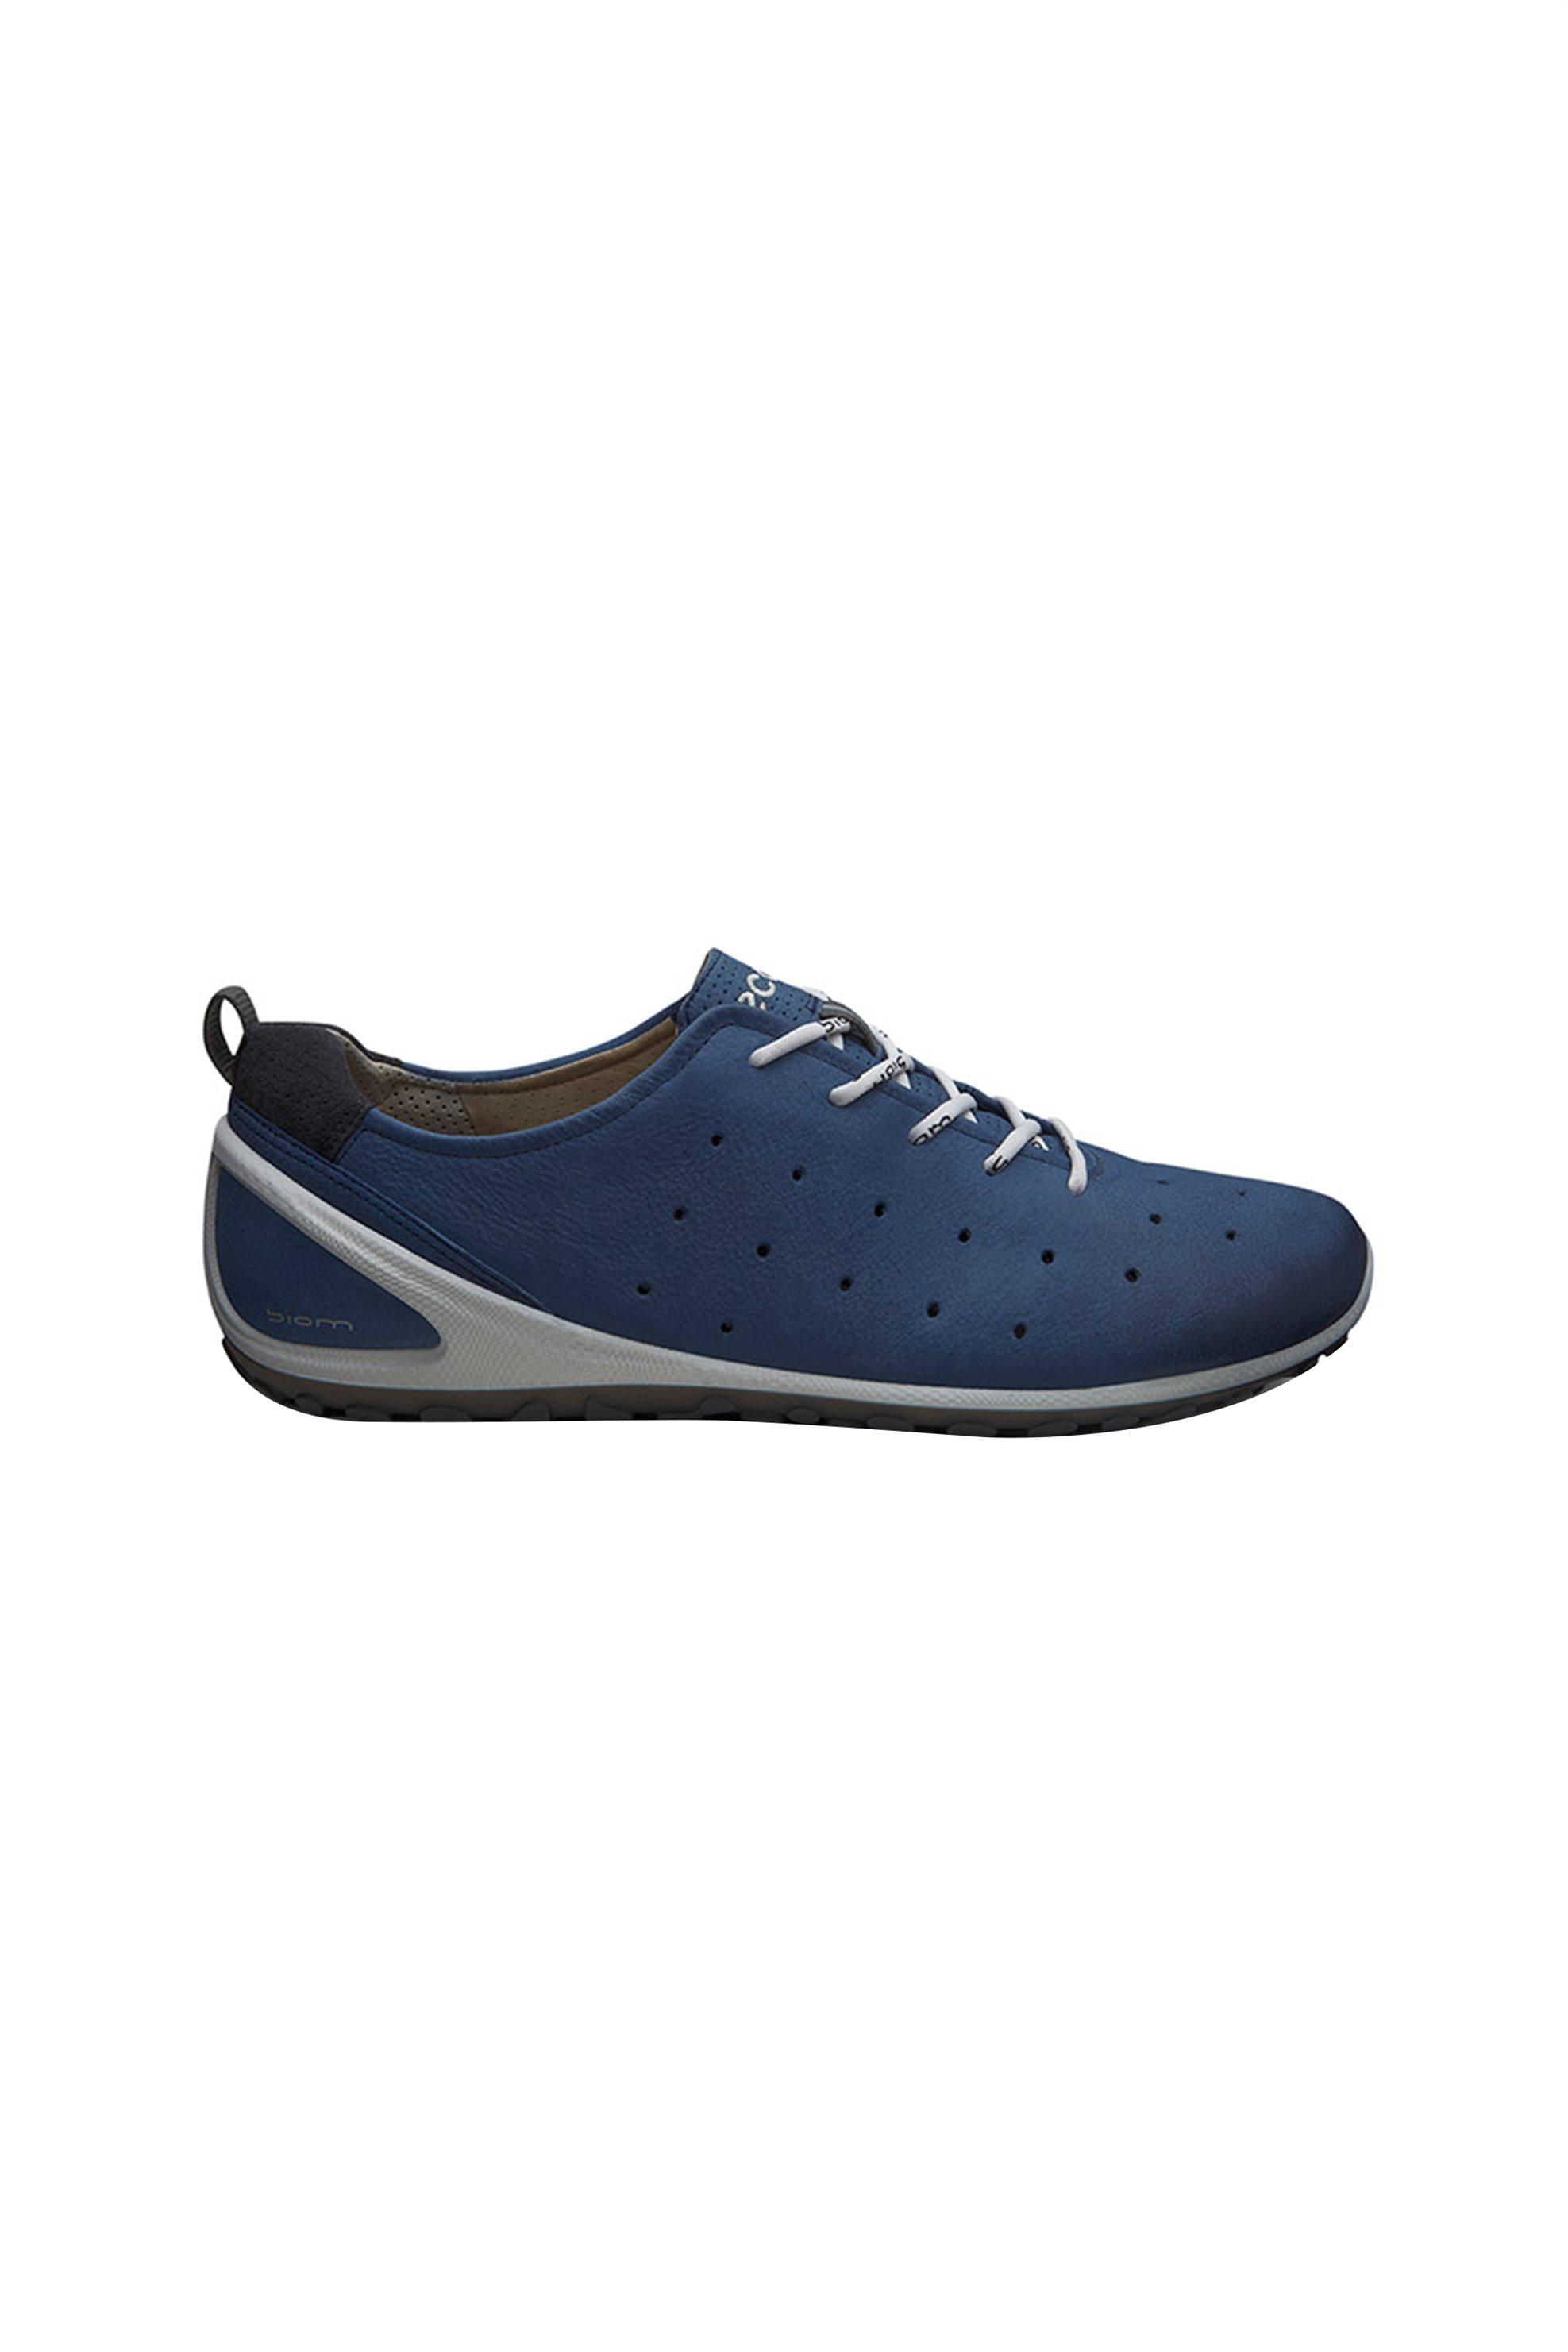 24cc0d31c0e Notos ECCO ανδρικά παπούτσια Βiom – – Μπλε